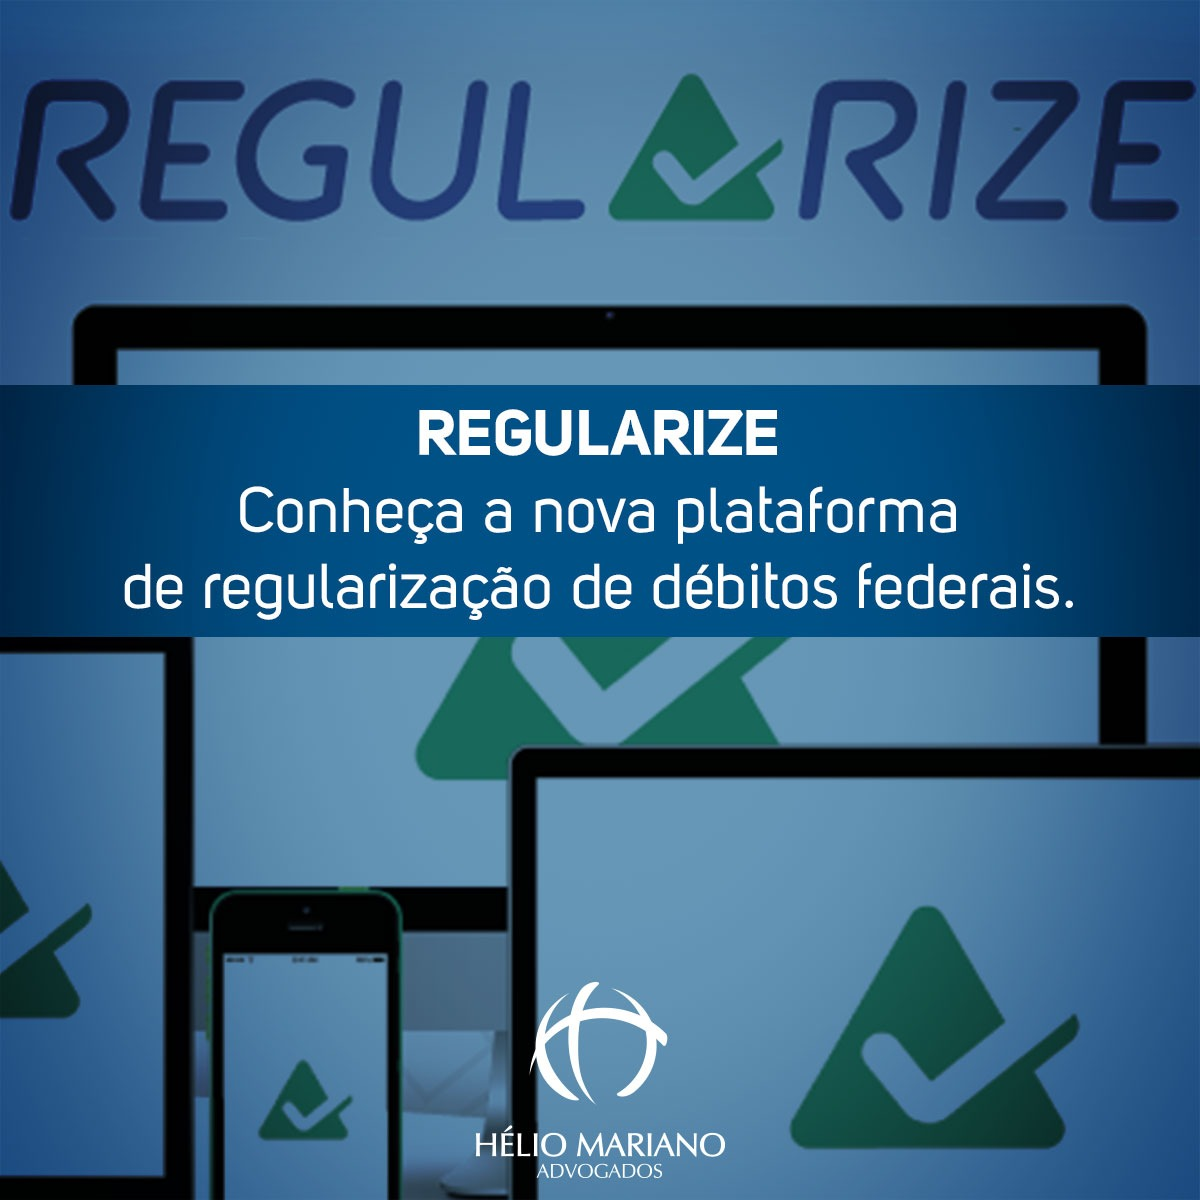 REGULARIZE – Conheça a nova plataforma de regularização de